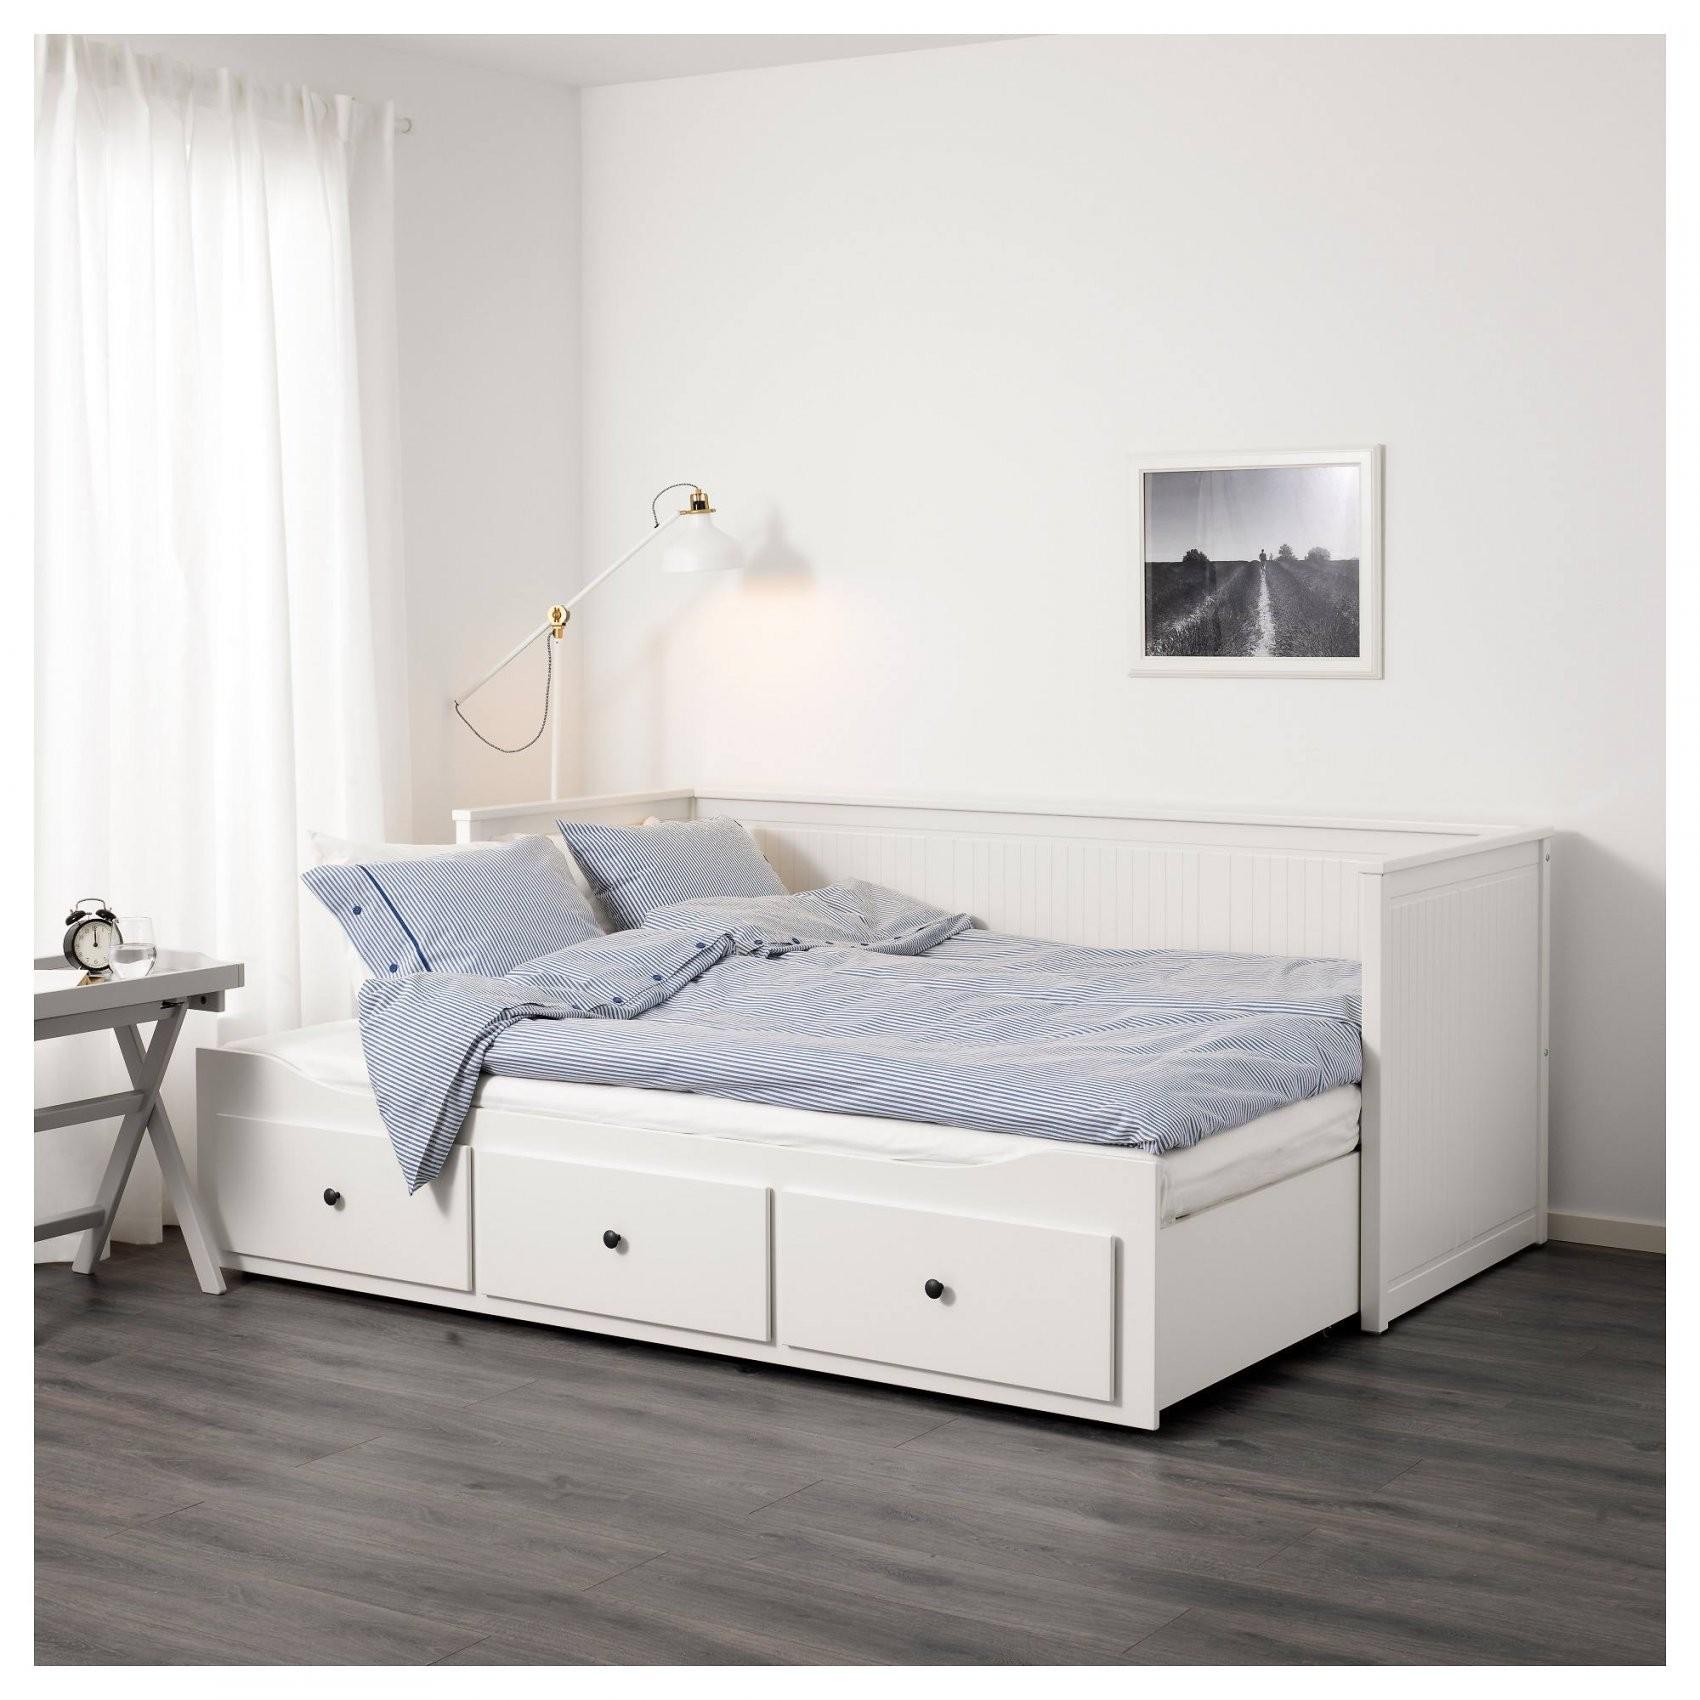 Hemnes Ikea Bett – Weiß – 140×200 Cm – Tagesbett  Webmarkt von Bett Weiß 140X200 Ikea Bild